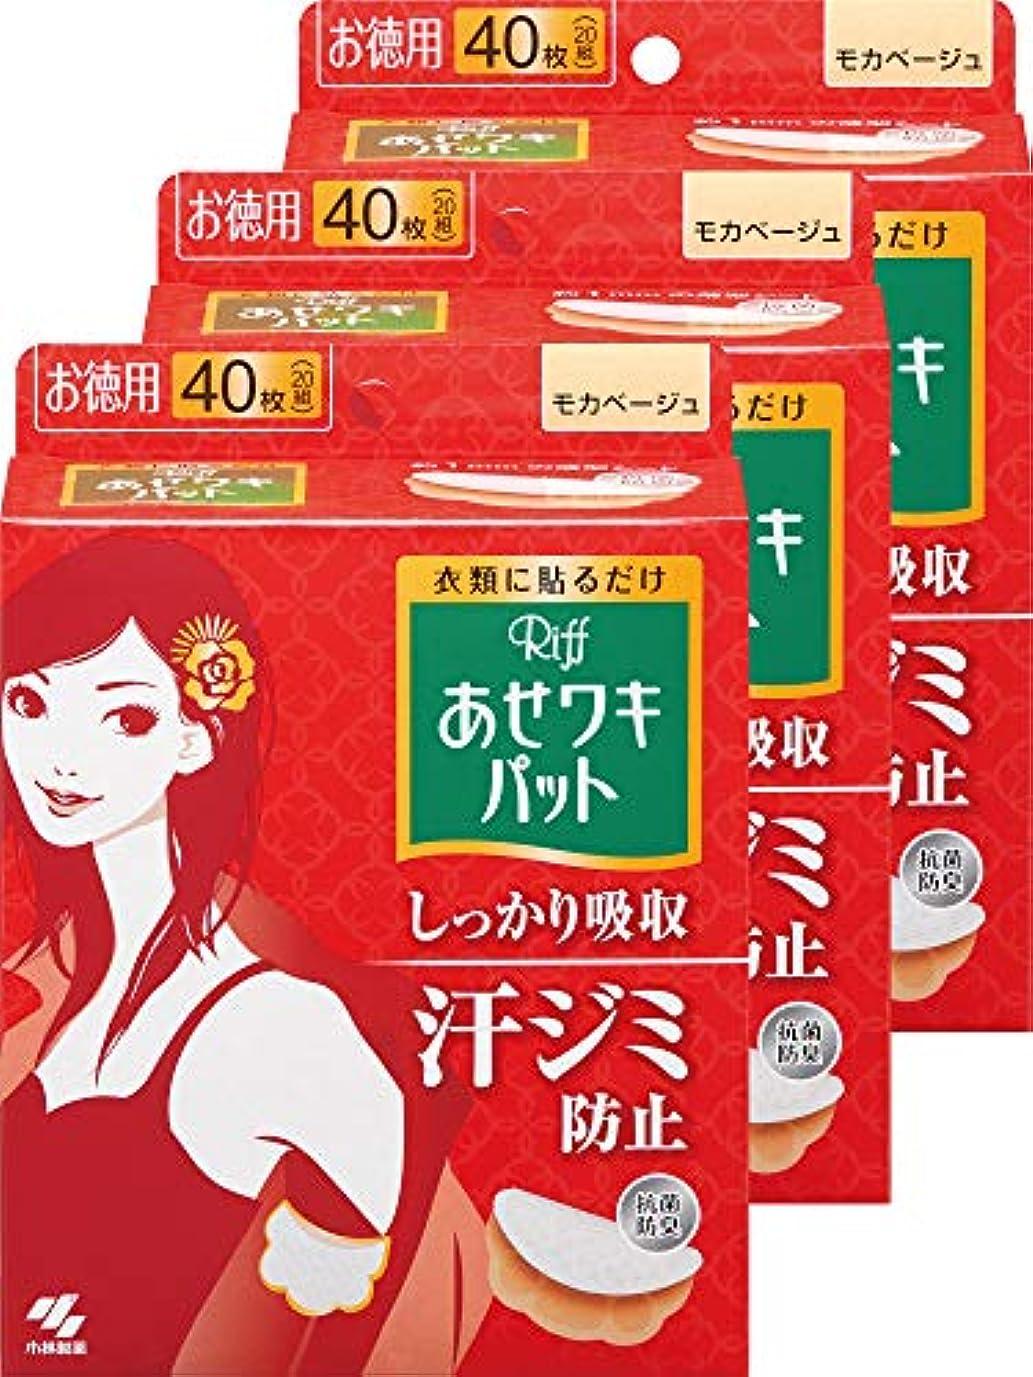 【まとめ買い】リフ あせワキパット あせジミ防止?防臭シート お徳用 モカベージュ 40枚 ×3個